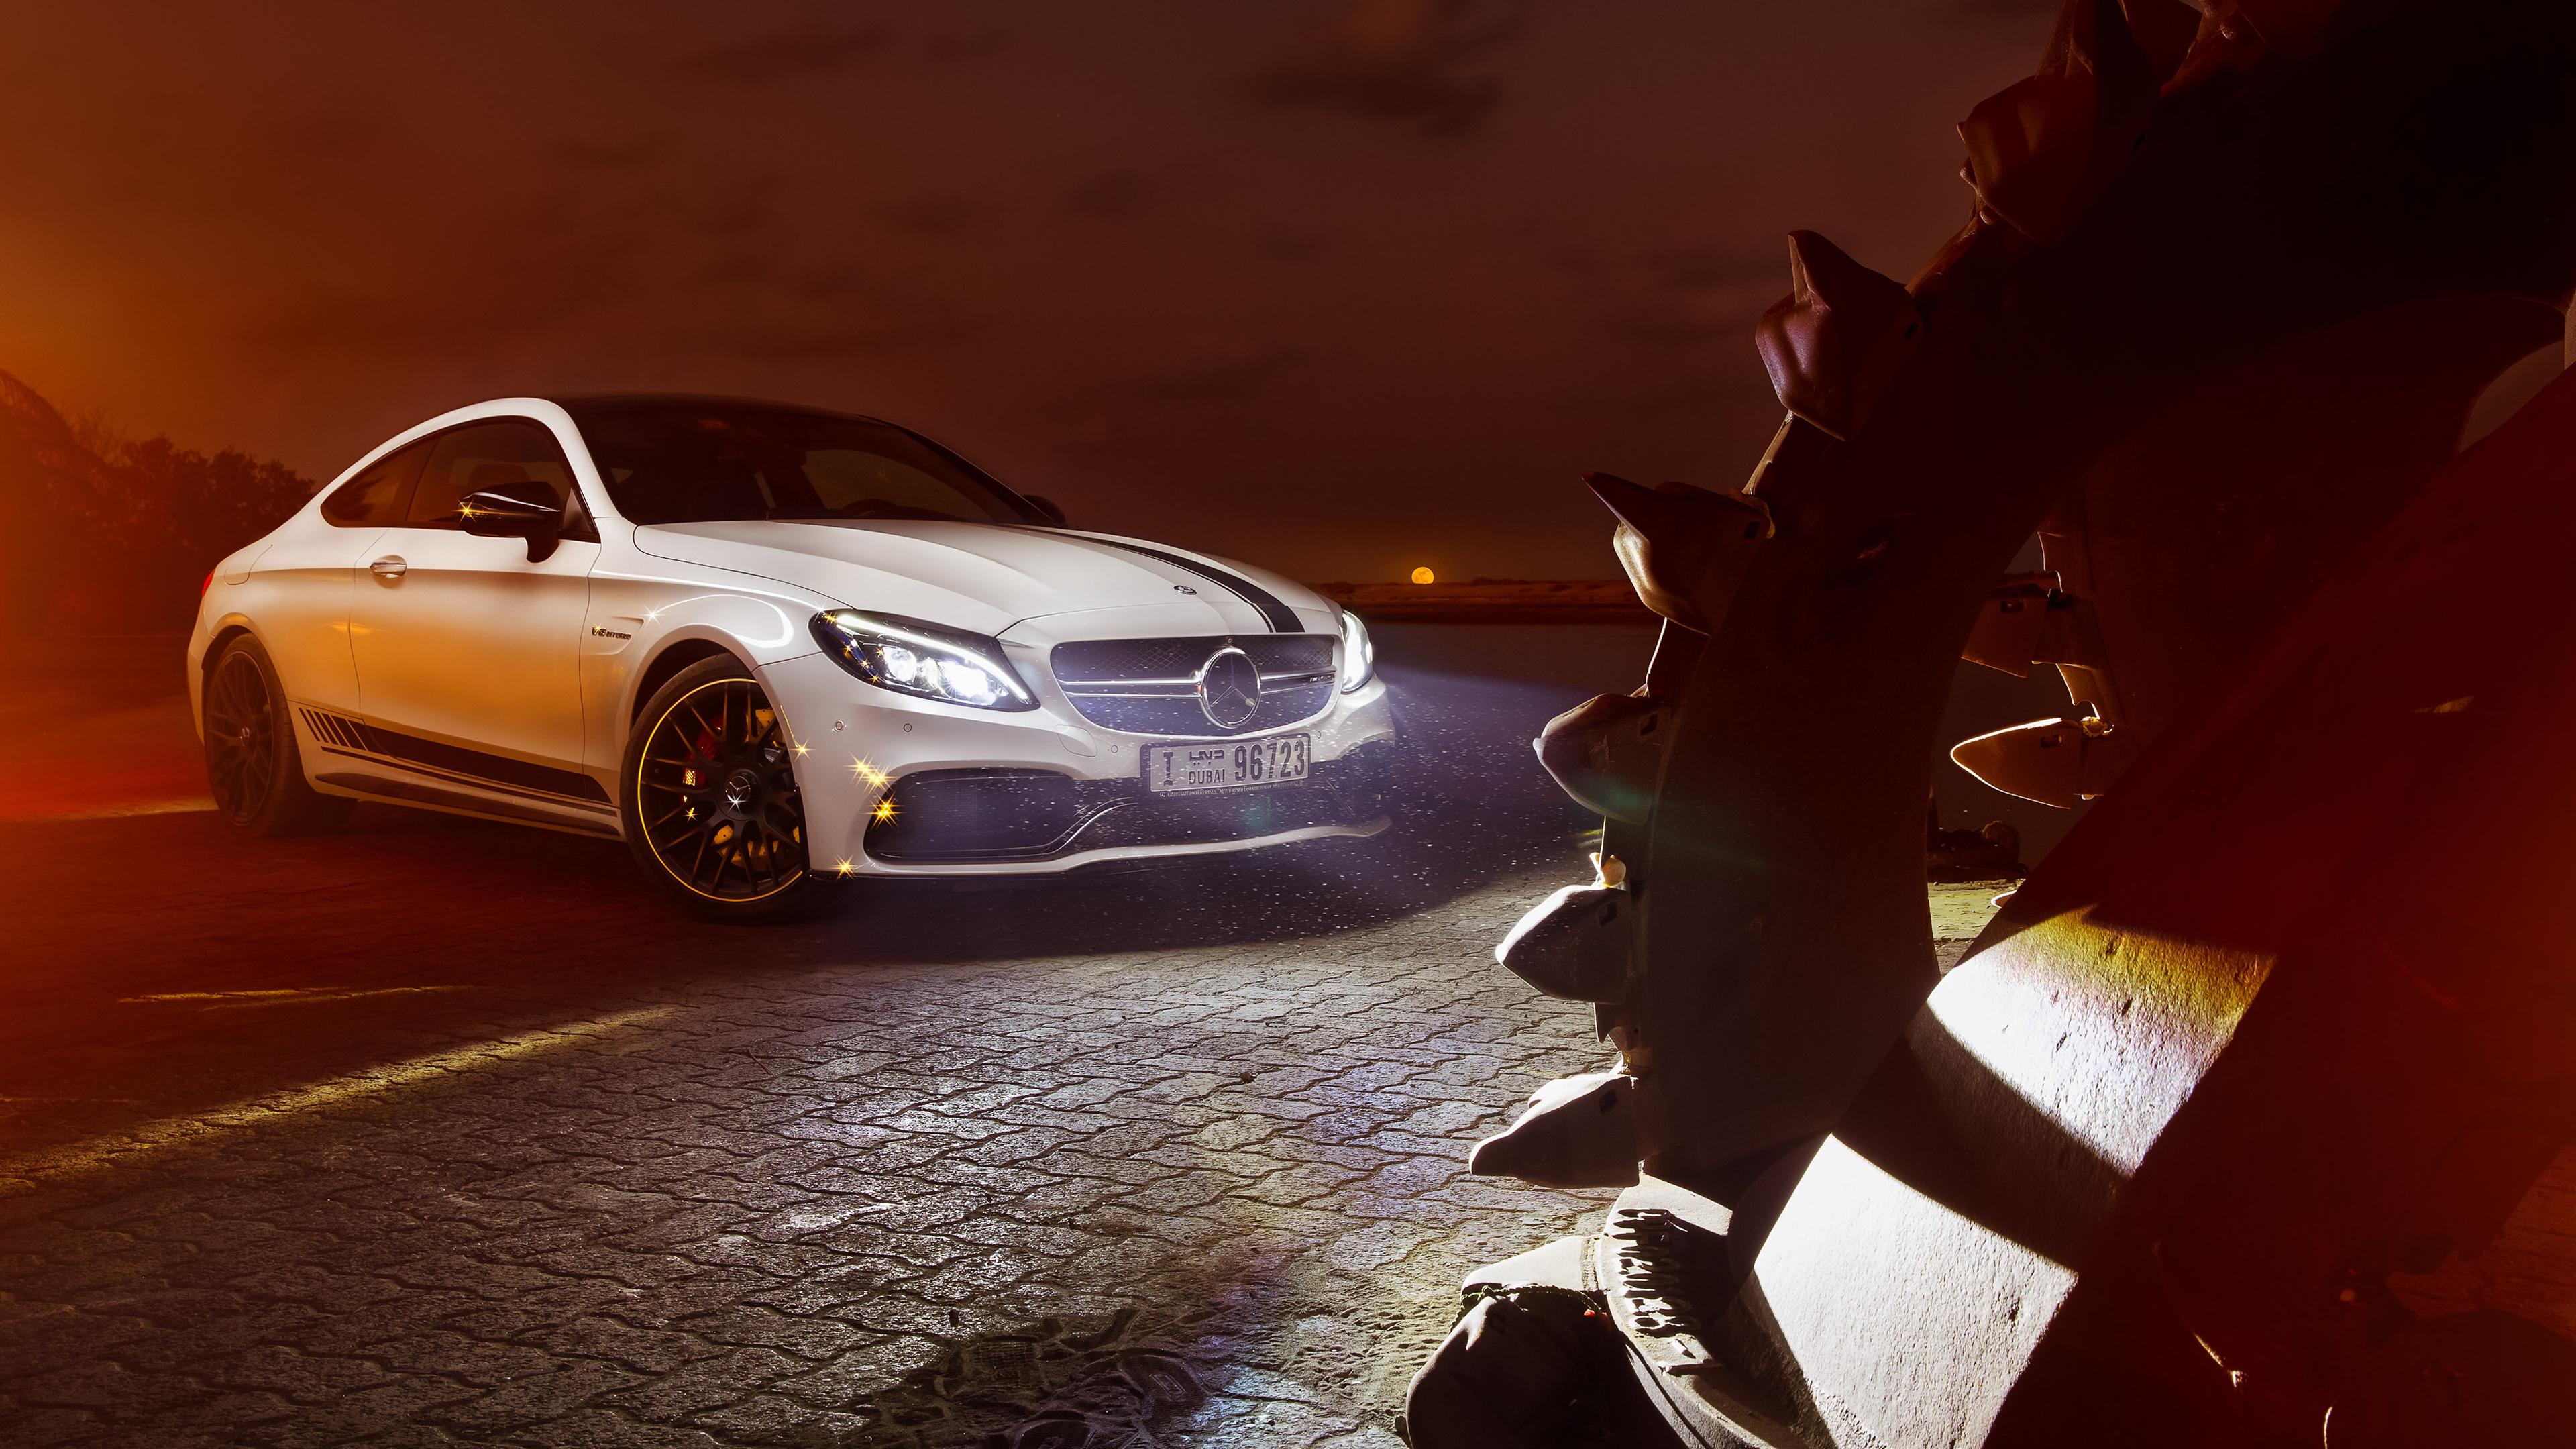 Mercedes-AMG C63 4K Wallpaper | HD Car Wallpapers | ID #11146